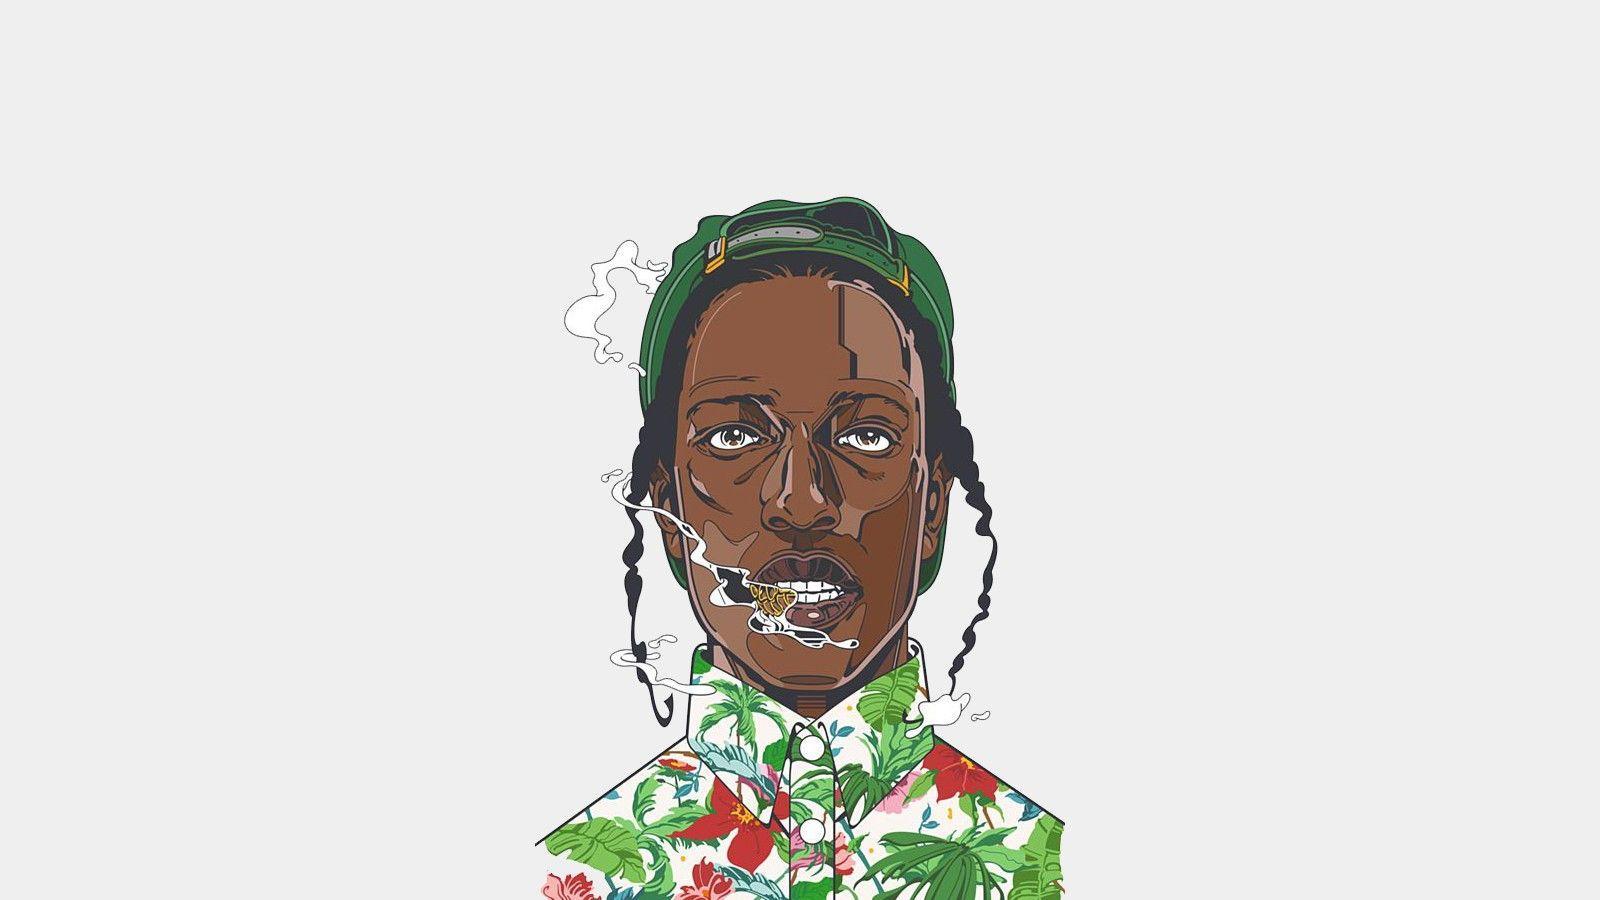 ASAP Rocky Art Wallpapers - Top Free ASAP Rocky Art ...